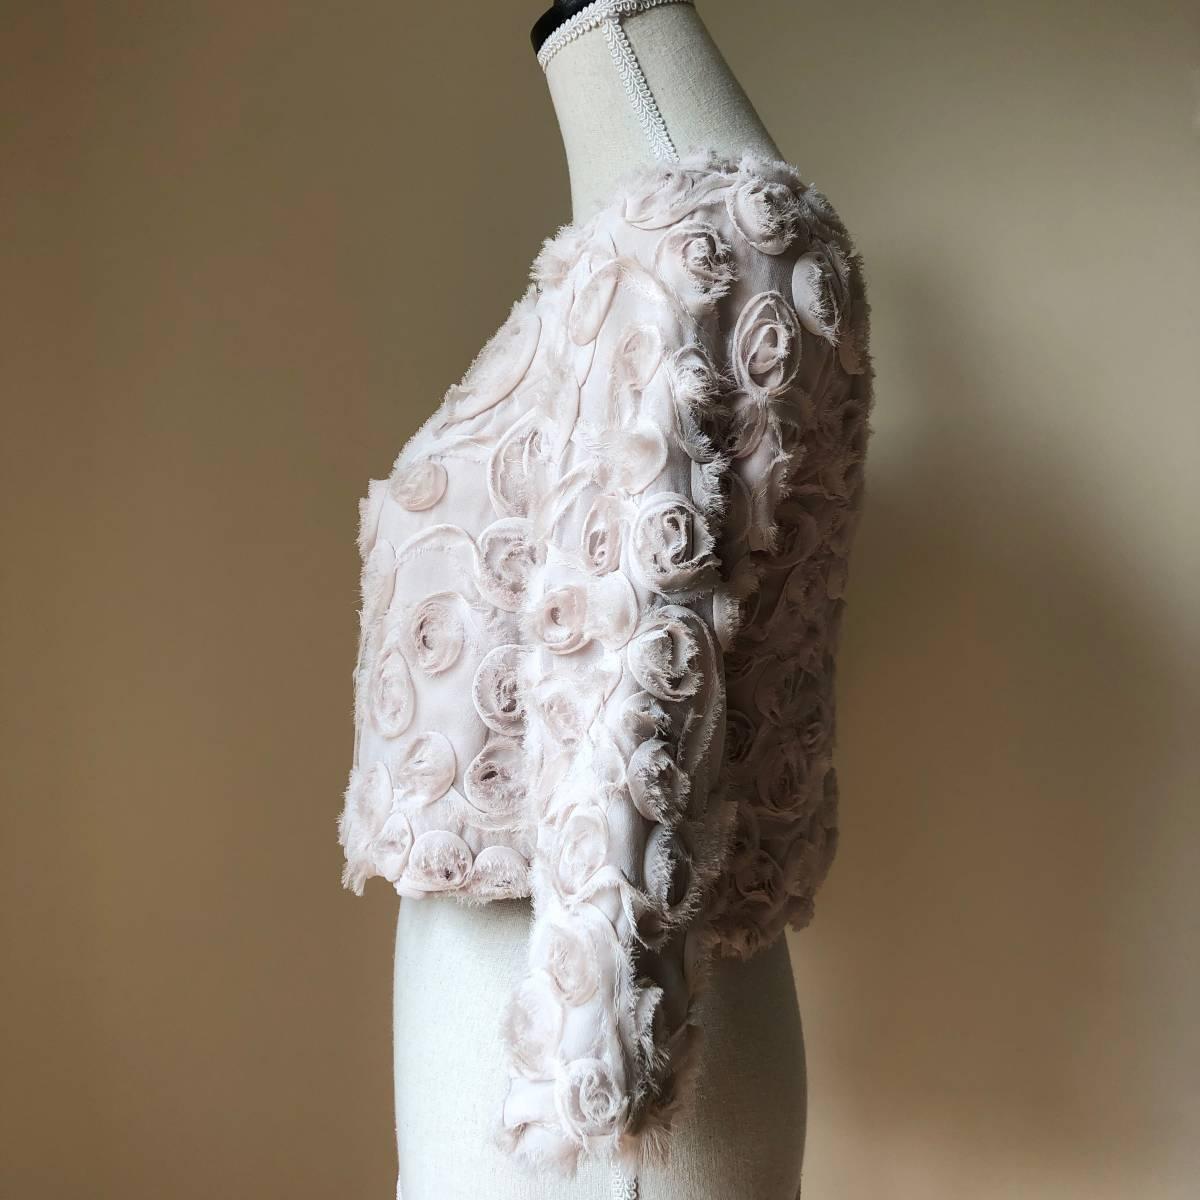 ピンクベージュ ノーカラージャケット ショート丈 S-Mの方に ローズ薔薇いっぱい *上品フェミニンお呼ばれボレロ好き 難ありリメイク素材